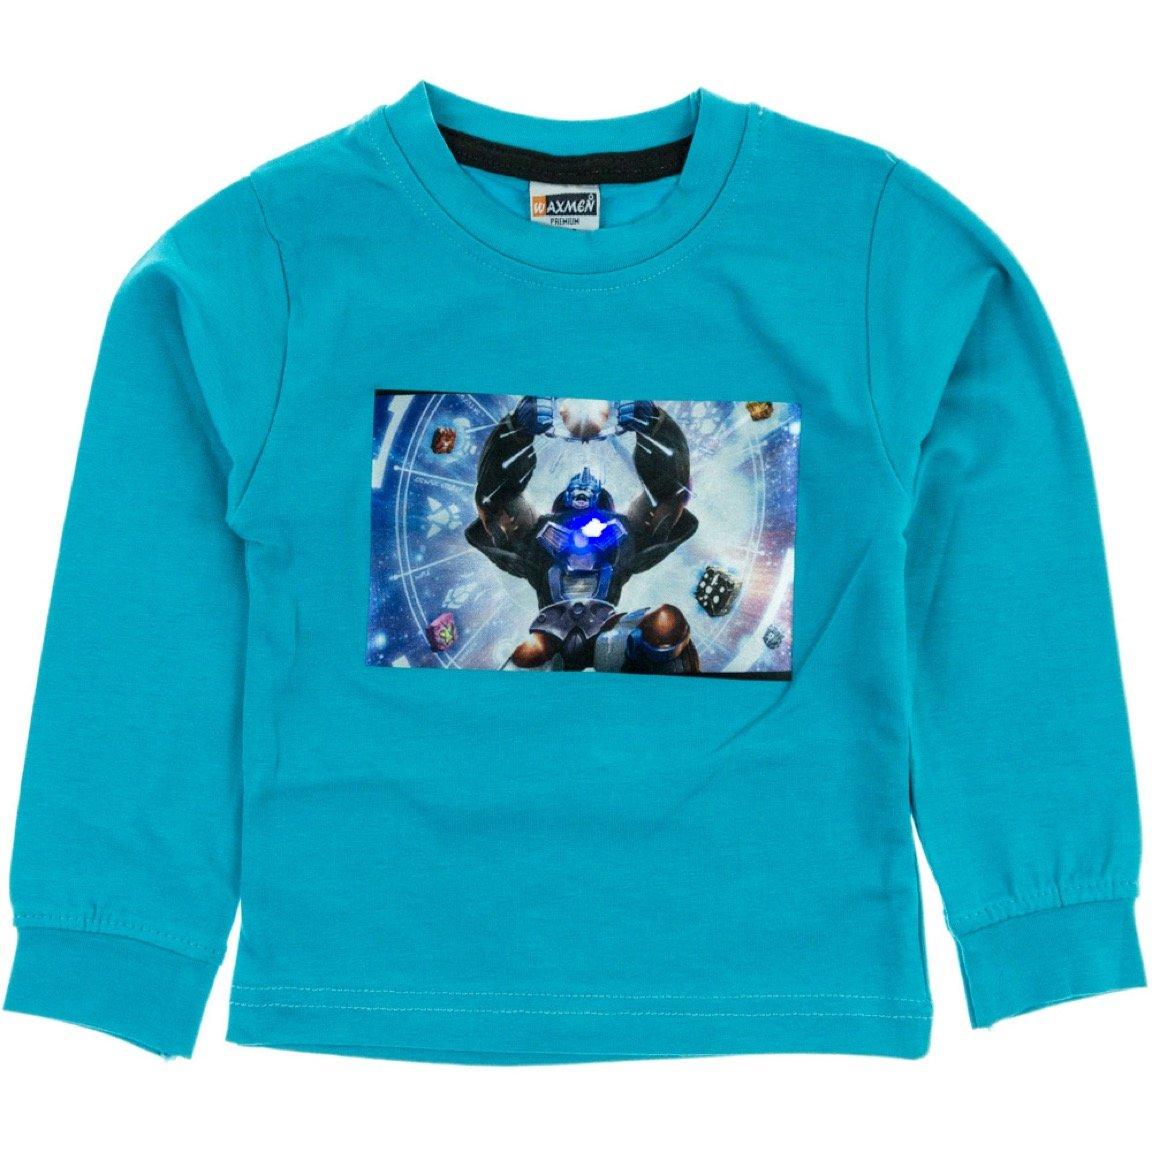 Waxmen παιδική εποχιακή μπλούζα με φωτάκια «Turquoise Robot»